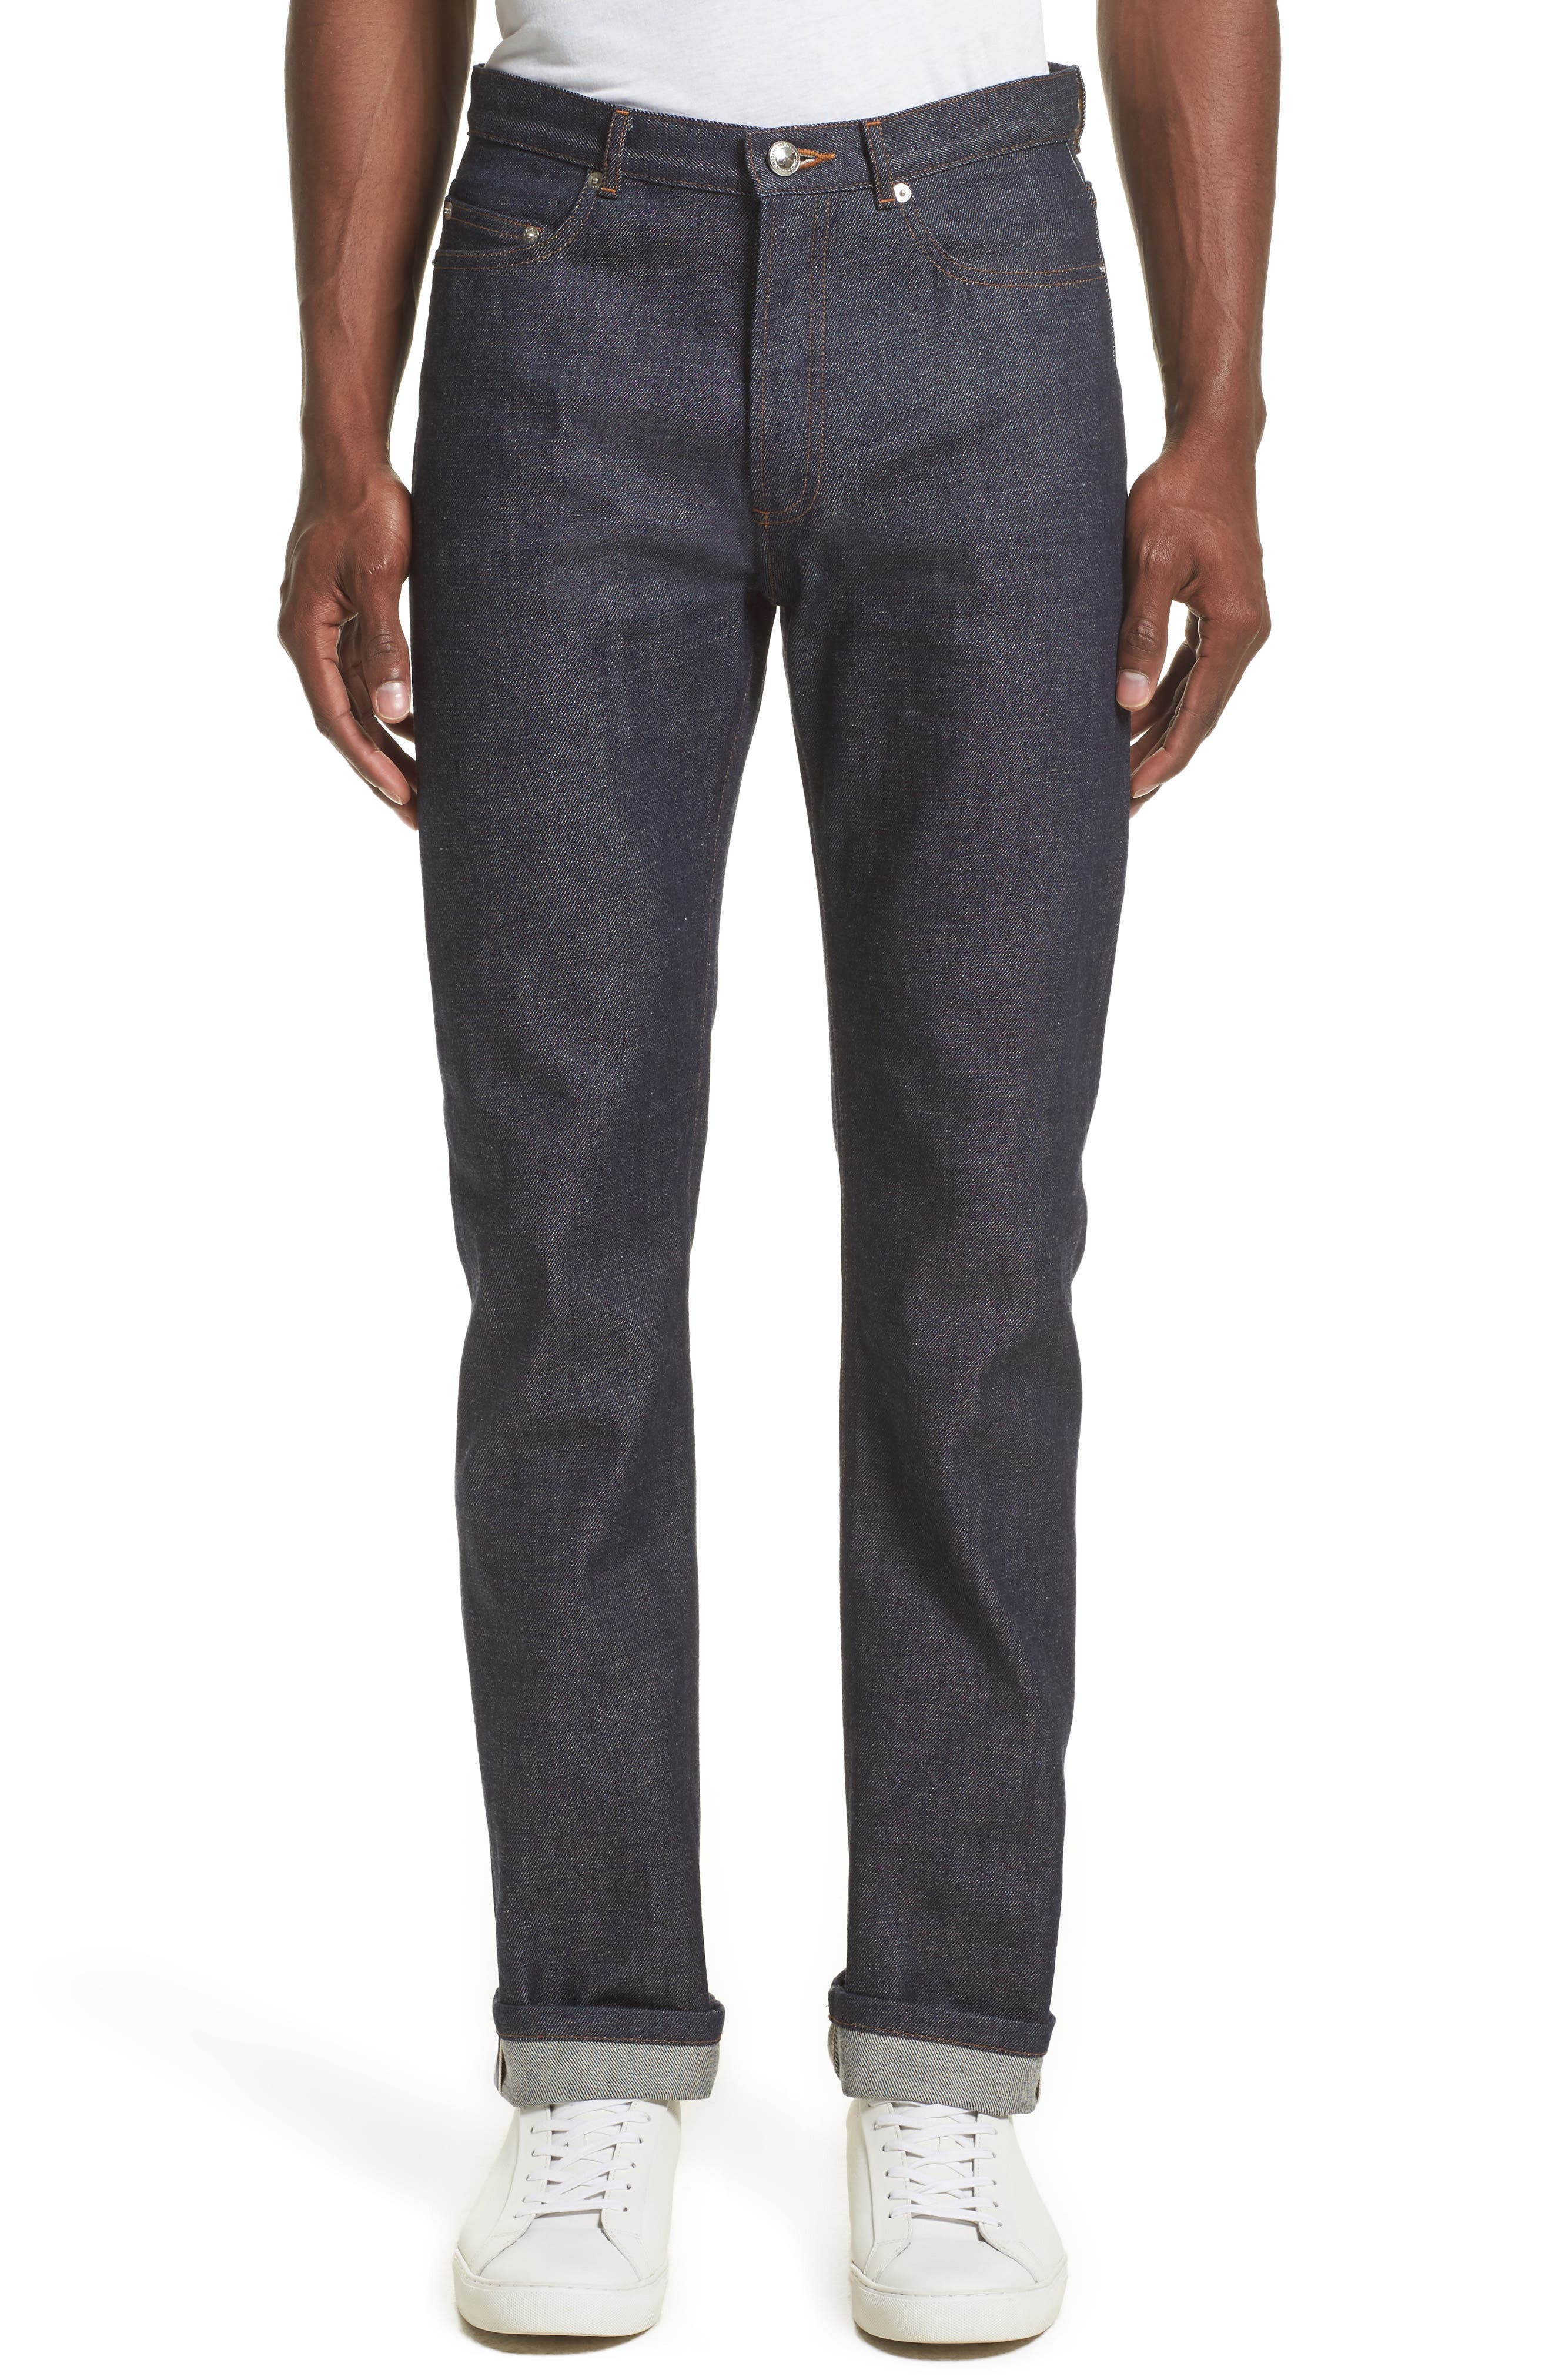 A.P.C. High Waist Standard Selvedge Jeans